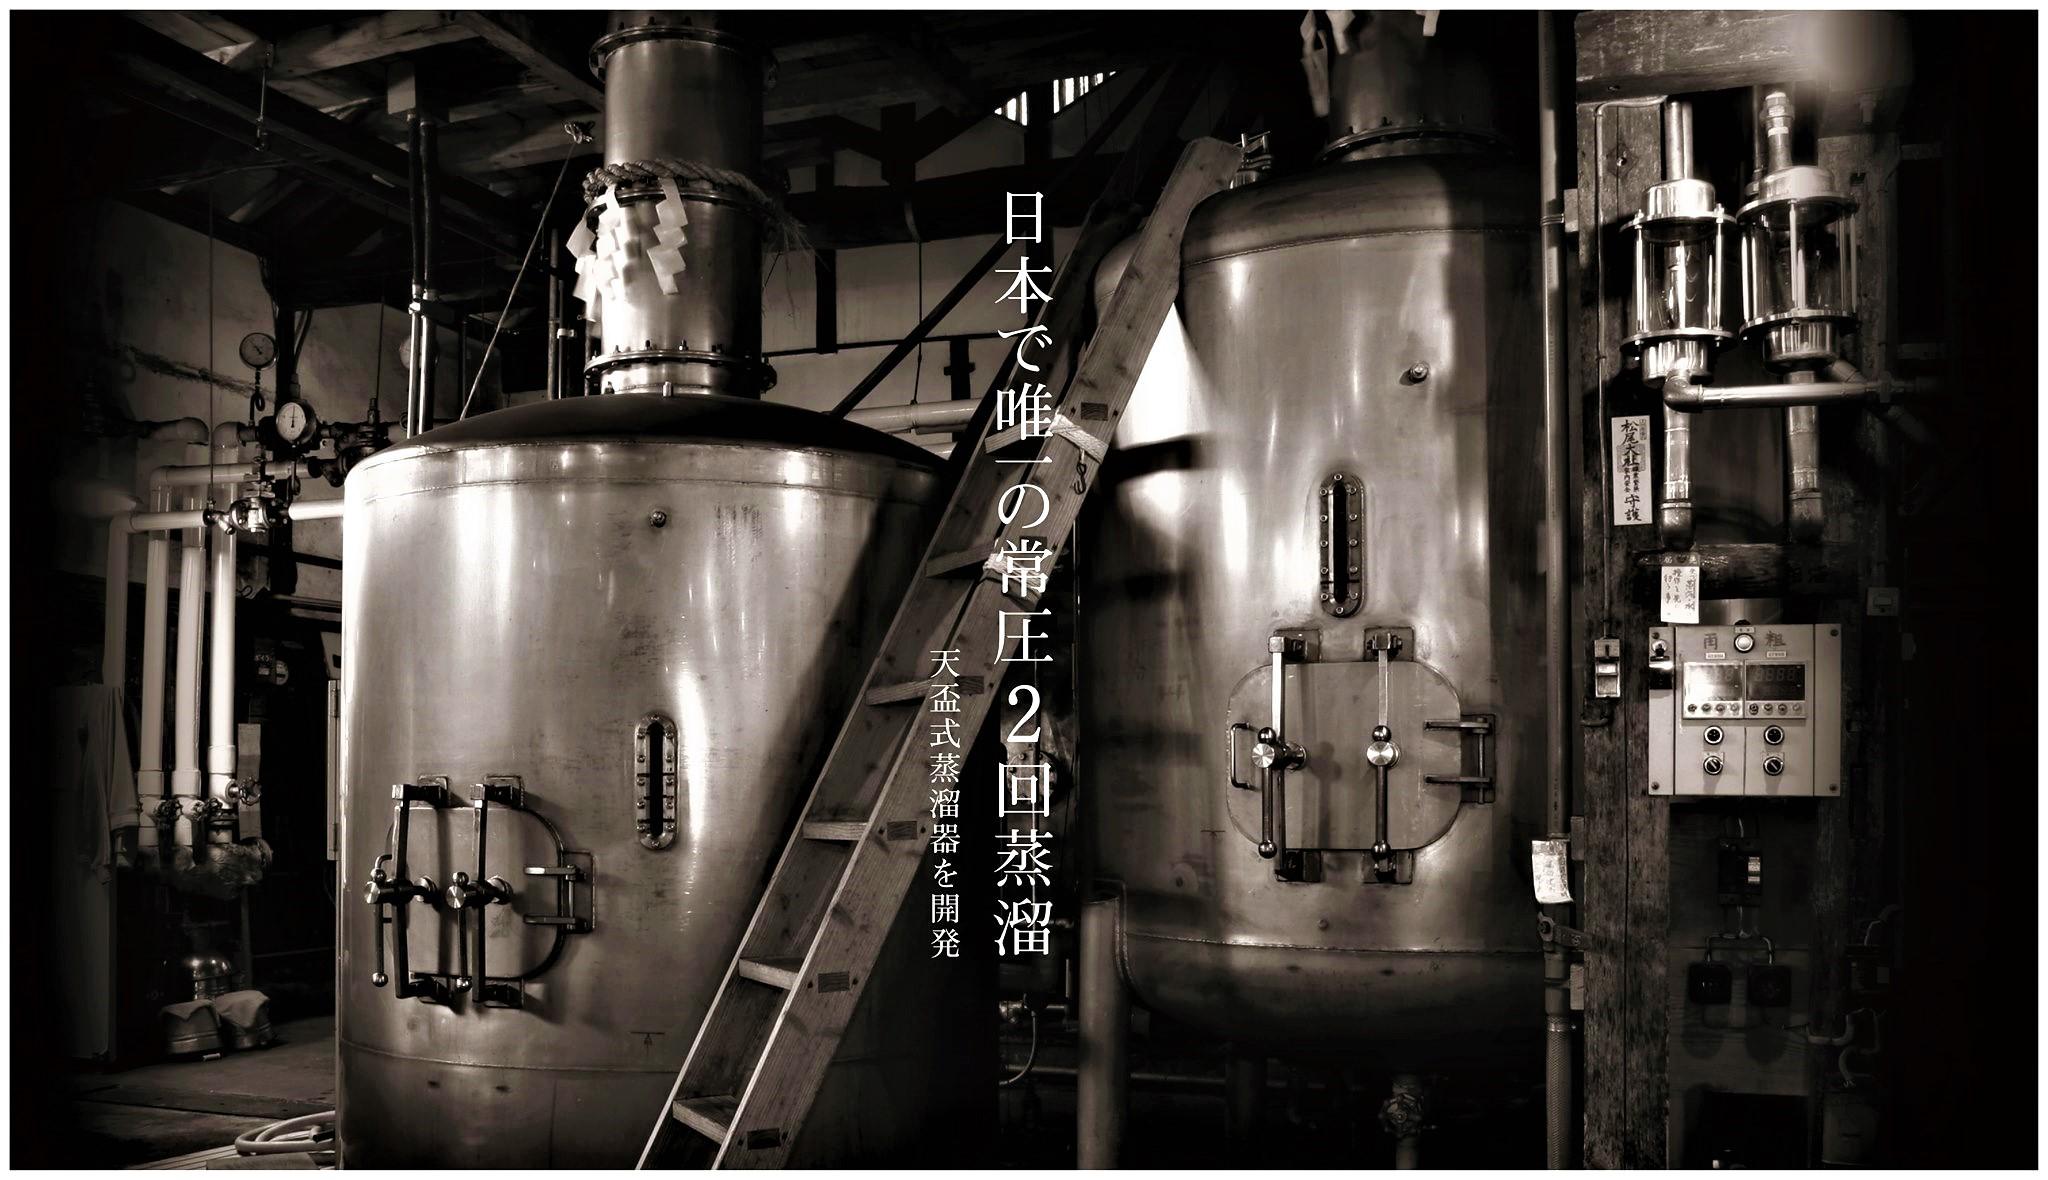 【麦焼酎】クラフトマン多田✨スパニッシュ オレンジ 特別限定蔵出し 2020ver🆕_e0173738_1938476.jpg